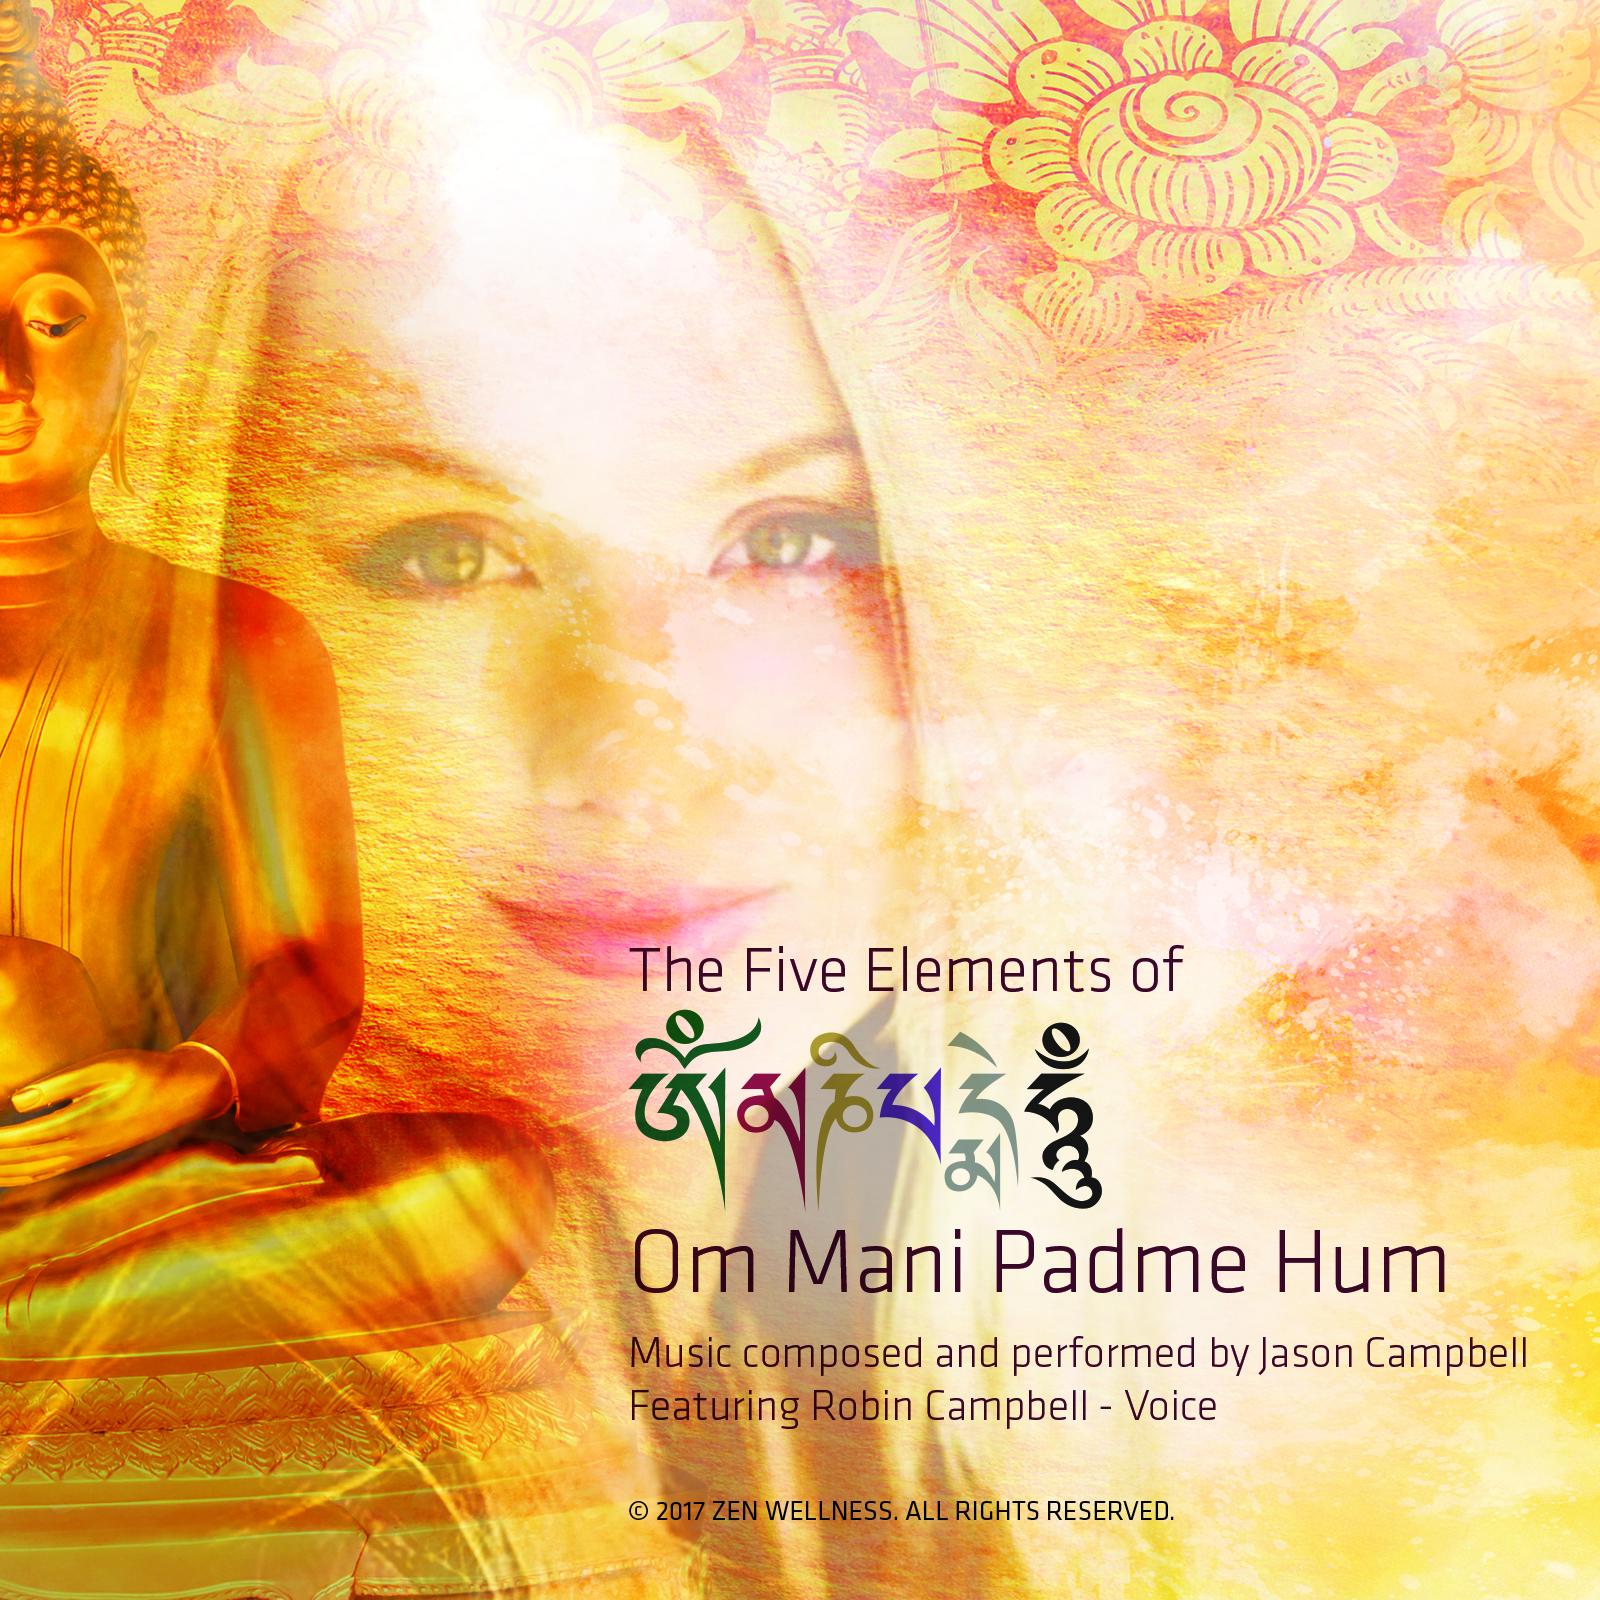 Om Mani Padme Hum Album Cover 2017.jpg